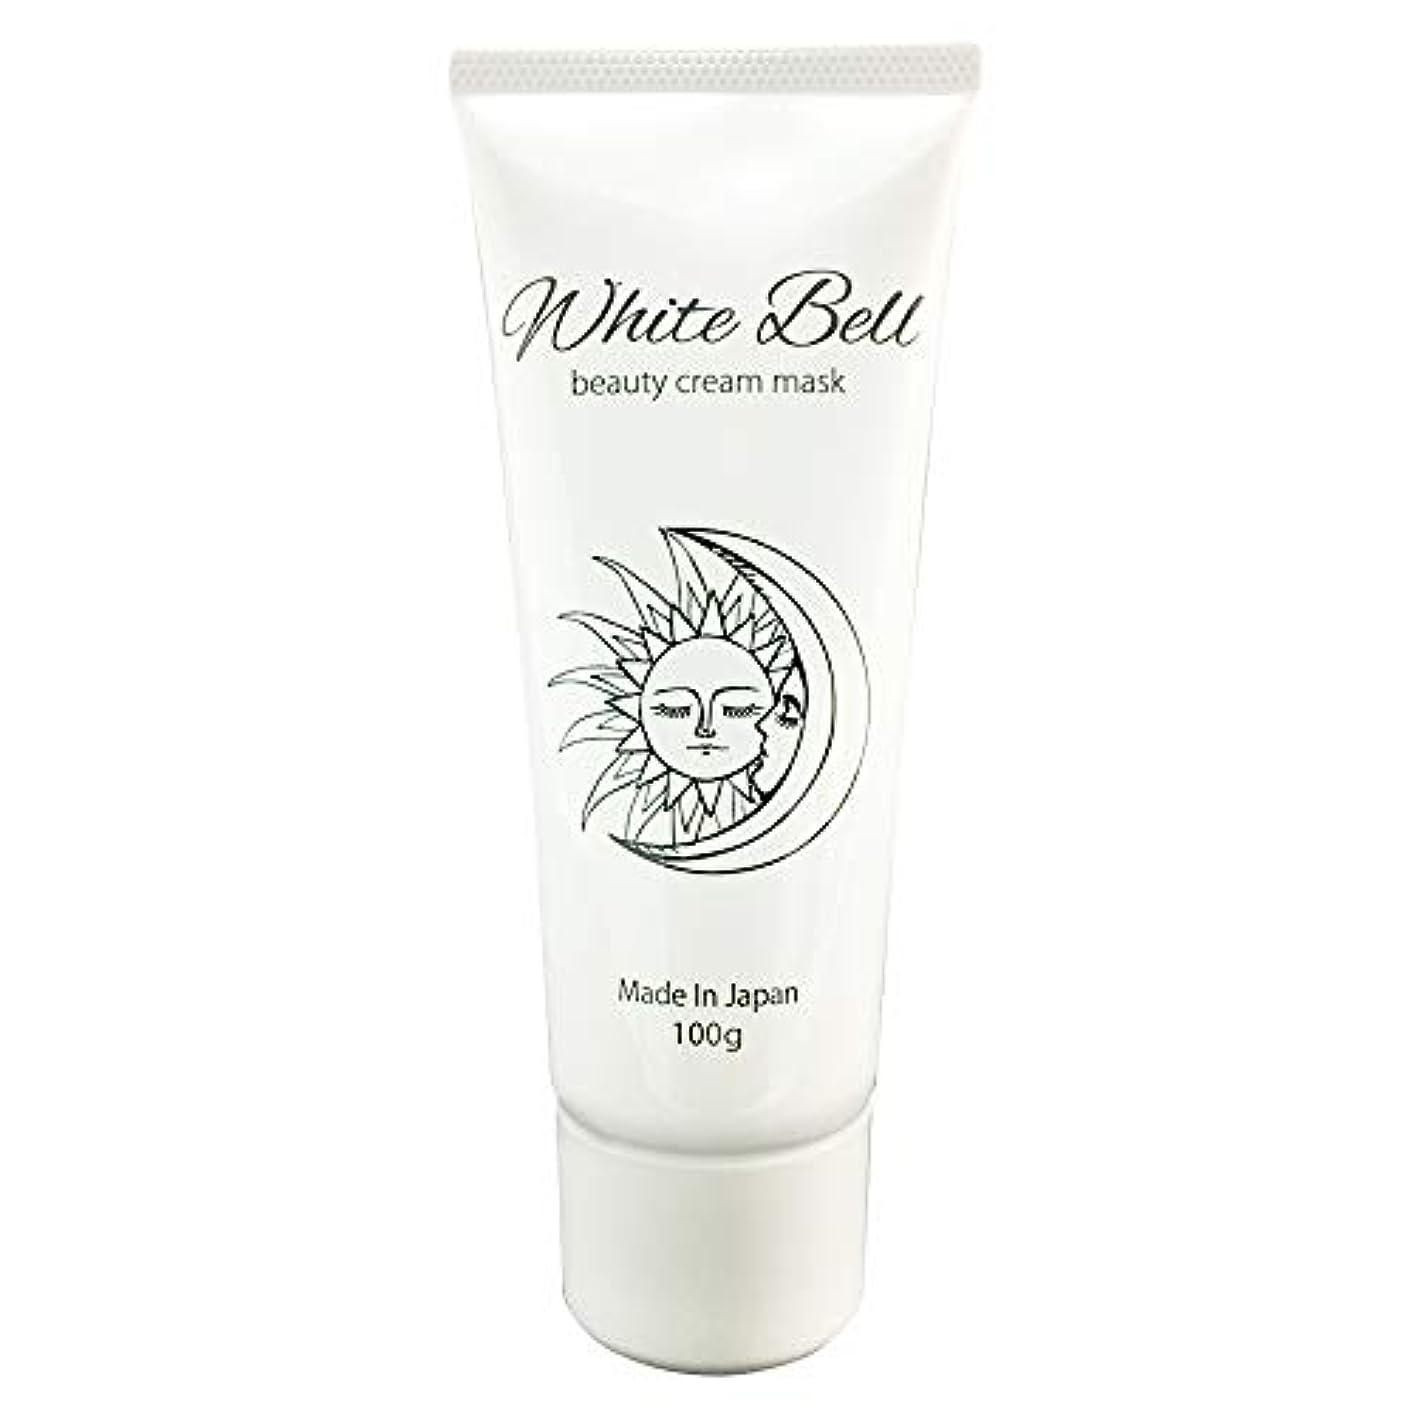 大西洋記念碑驚かすホワイトベル ビューティークリームマスク White-Bell beauty cream mask ナイトクリーム オールインワン